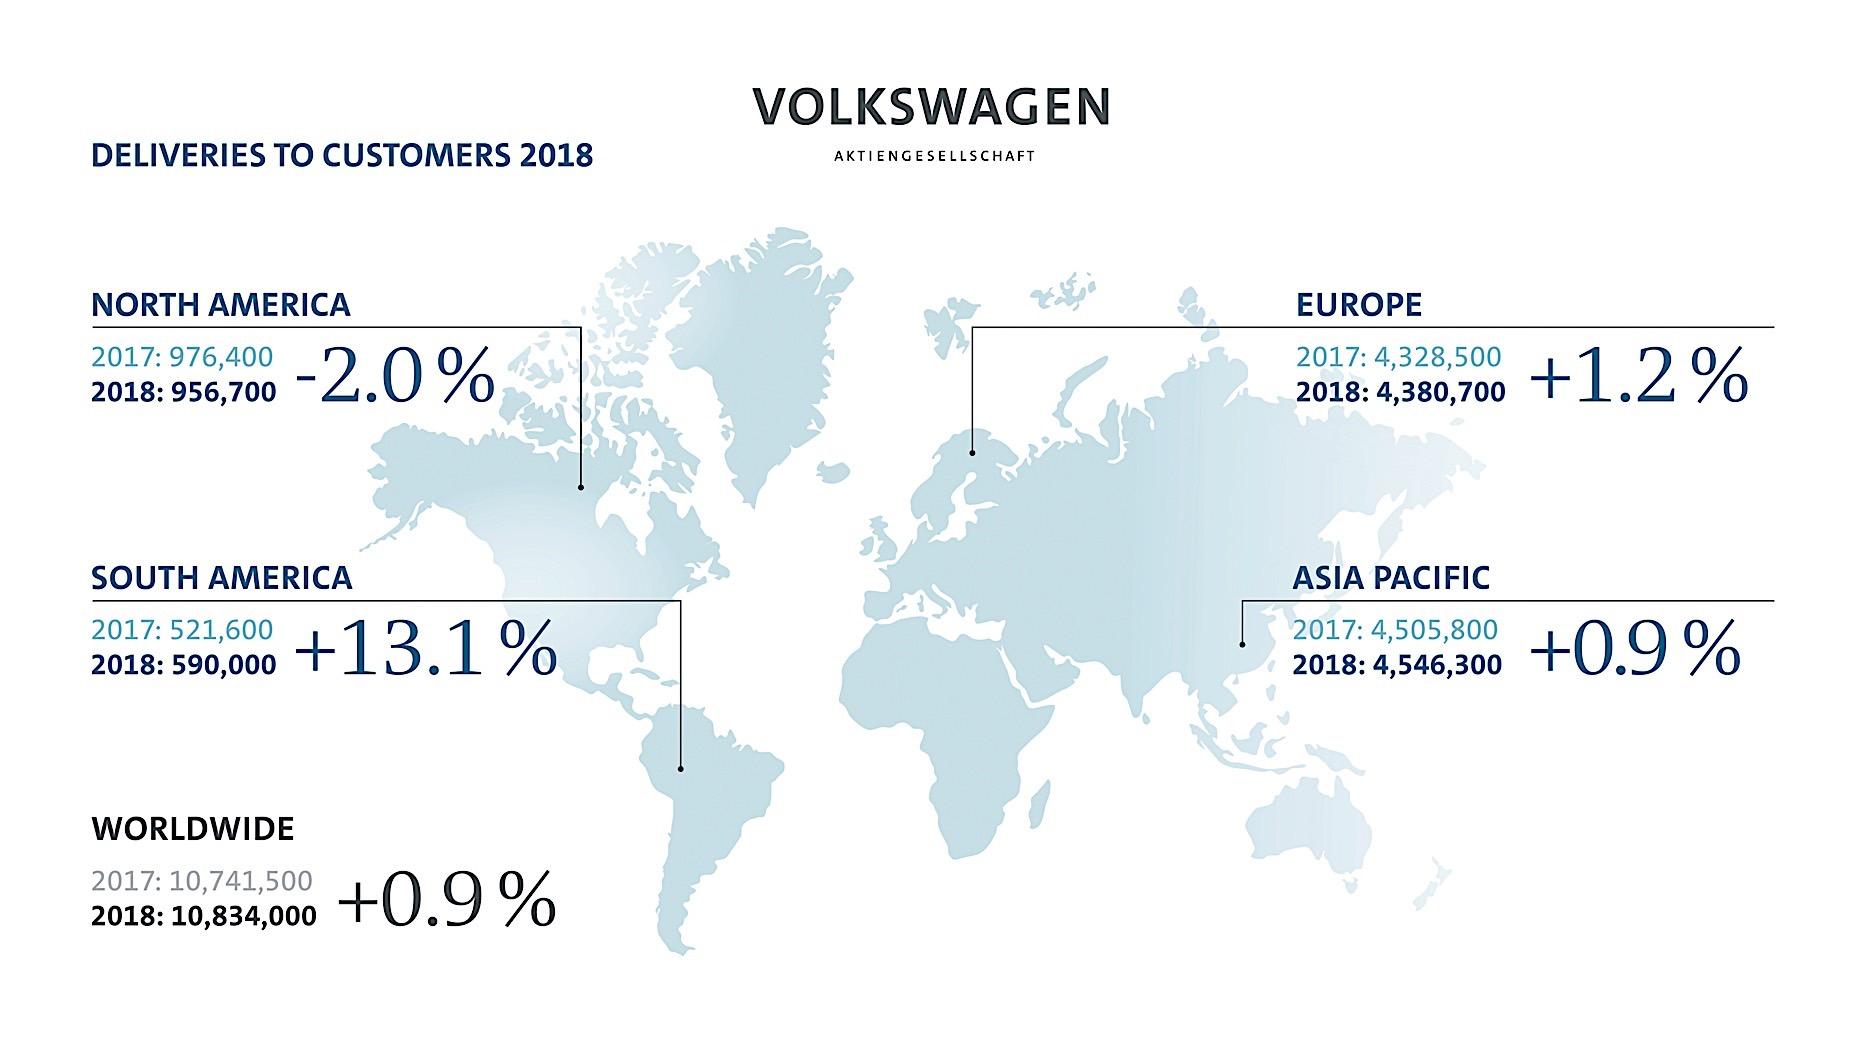 آمار فروش جهانی فولکس واگن در سال 2018 میلادی